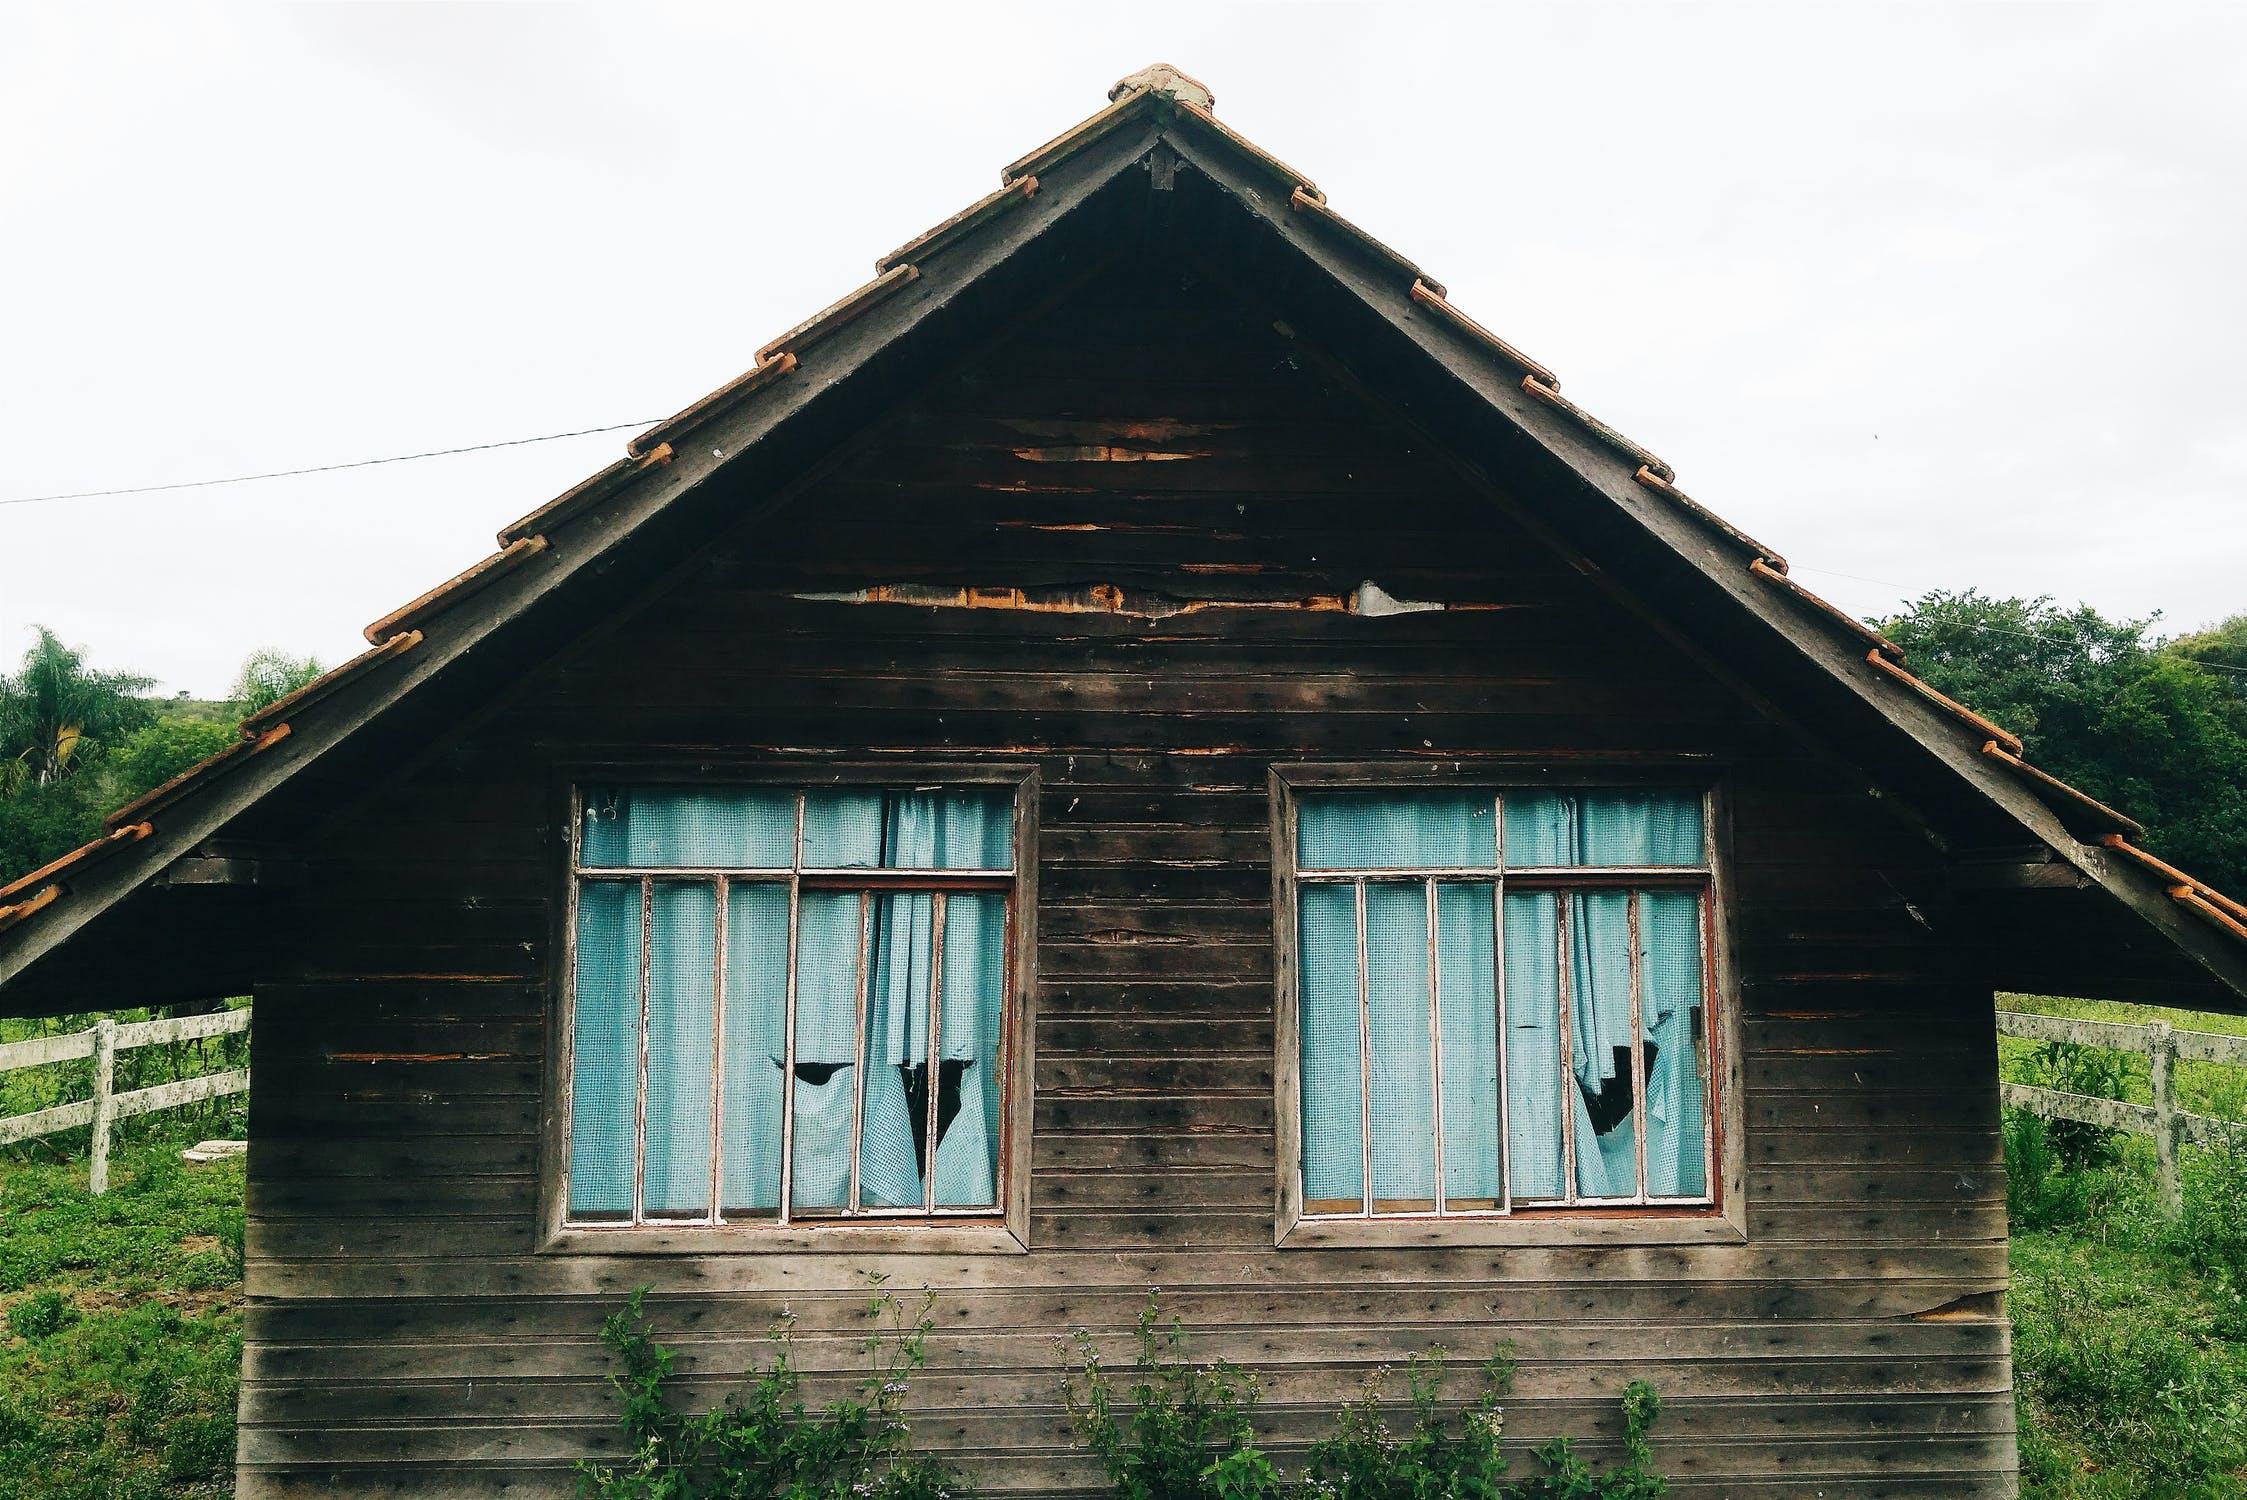 Как будет действовать закон о выявлении правообладателей ранее учтенных объектов недвижимости, разъяснил Росреестр  - новости Афанасий